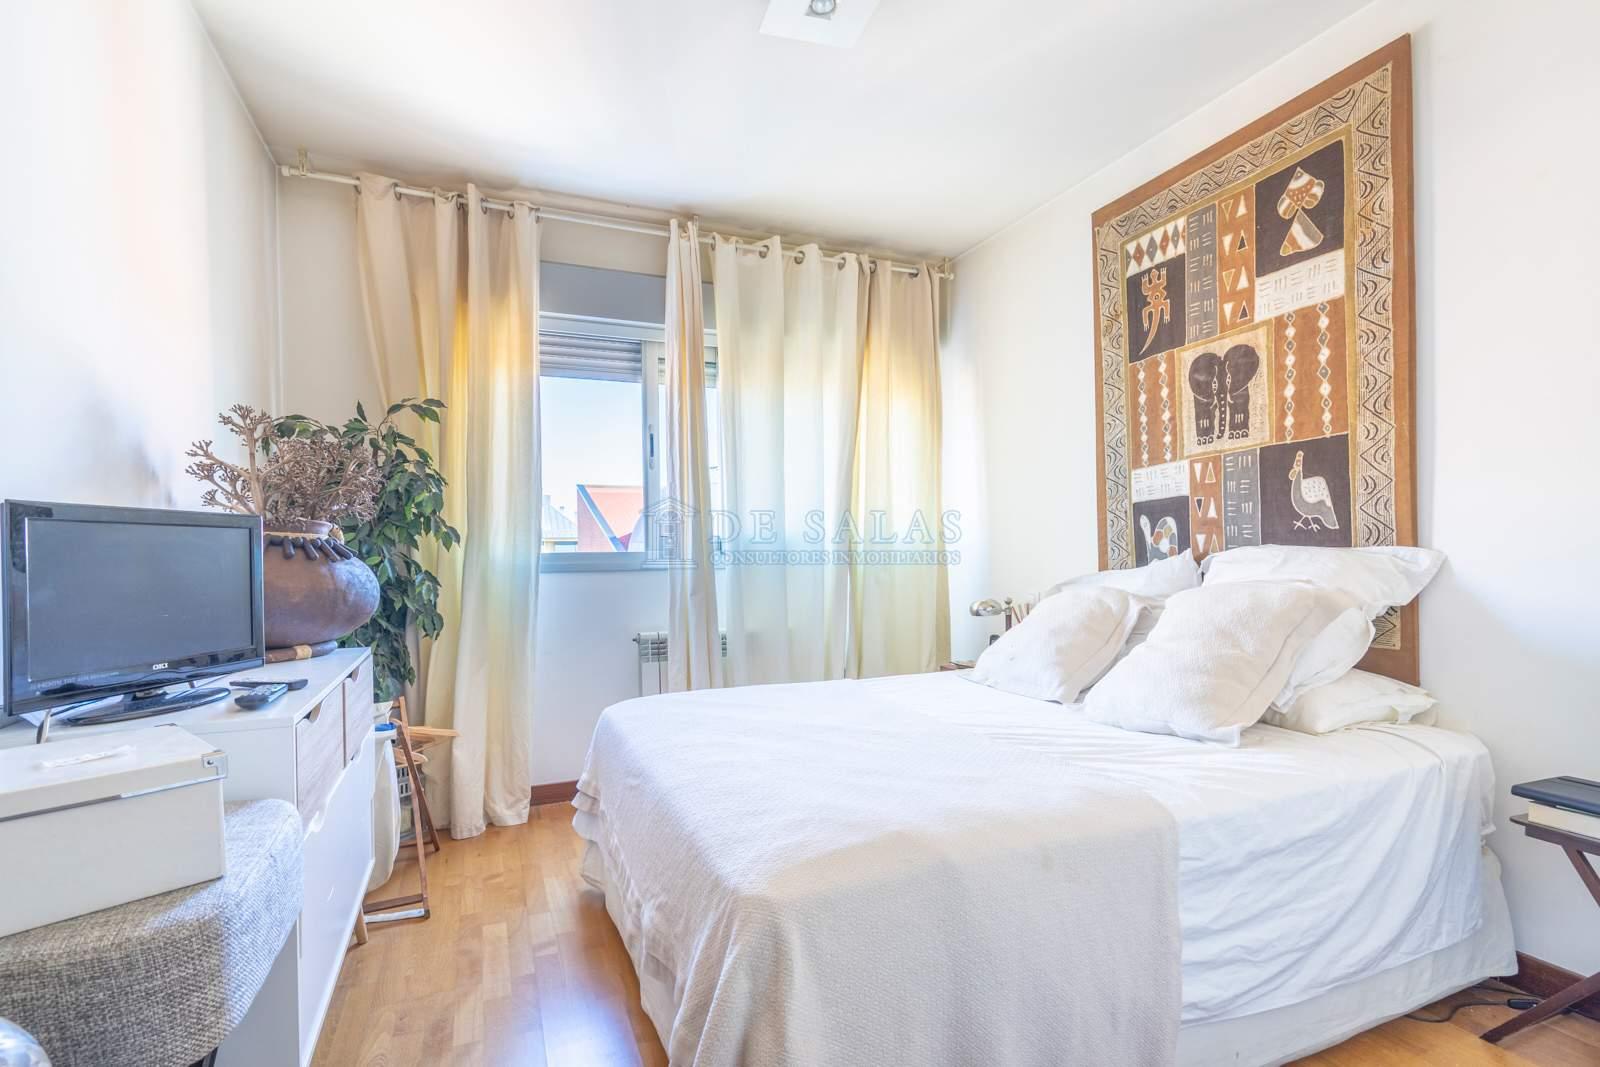 08 Appartement Arturo Soria